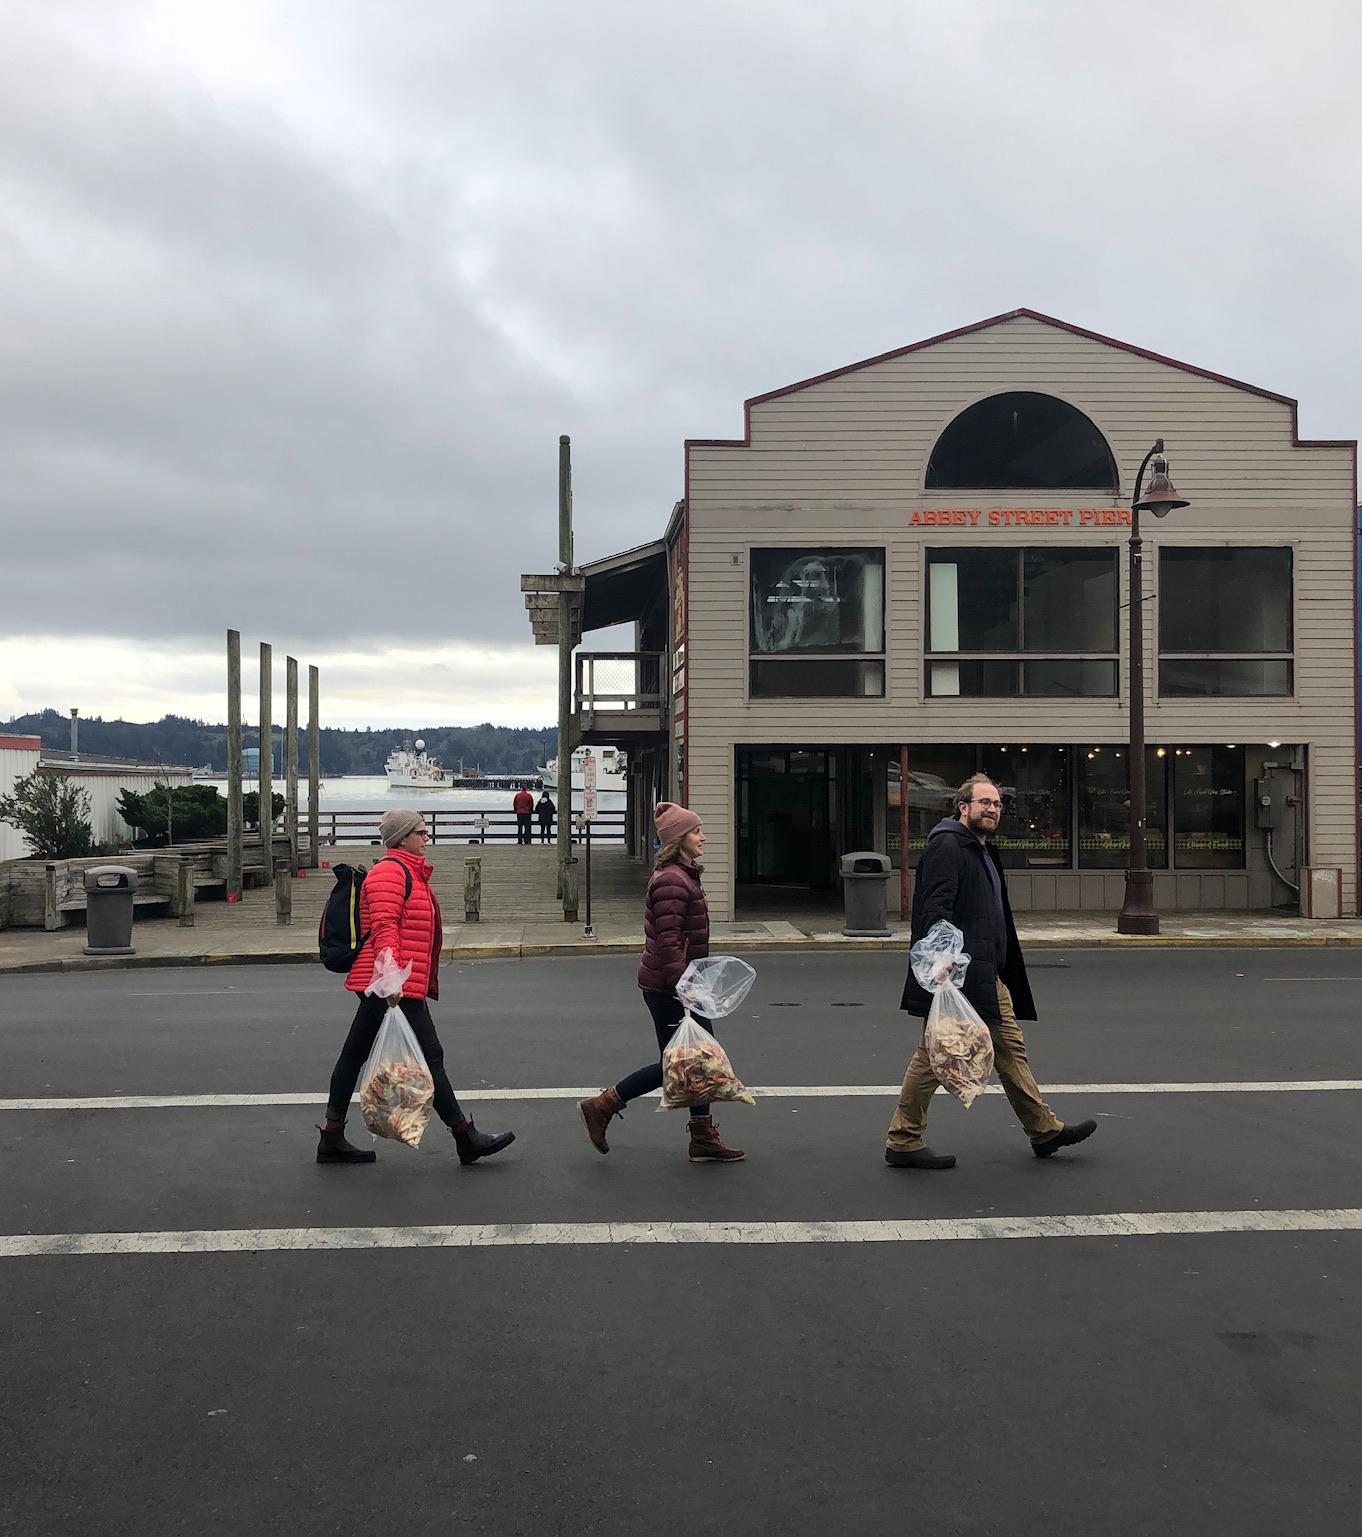 People walking outside